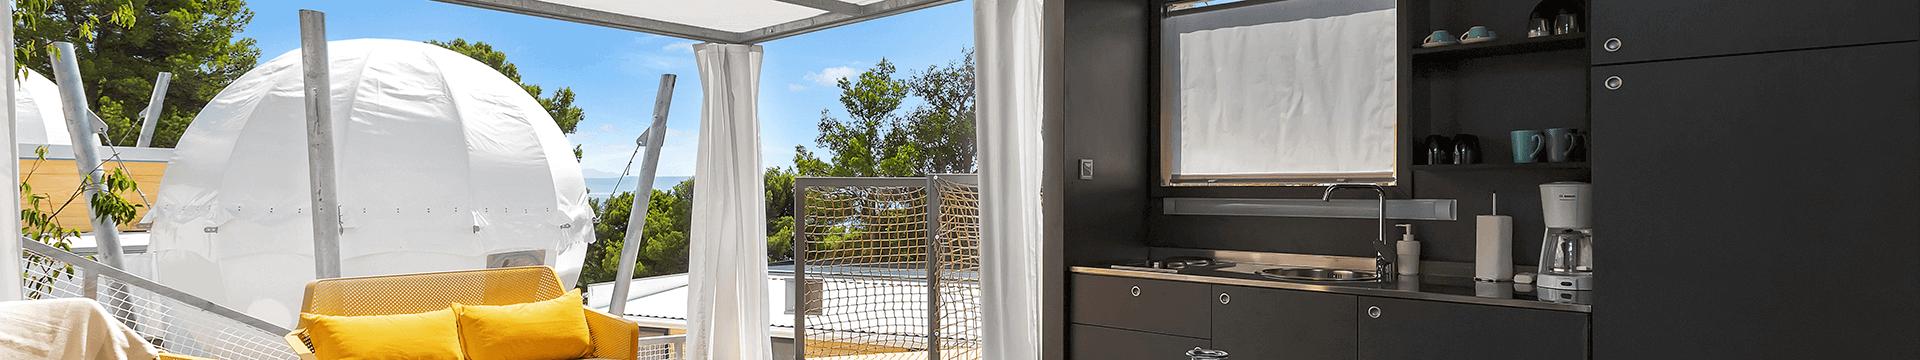 Upoznajte nove mobilne kućice i sferične glamping šatore u kampu Medora Orbis